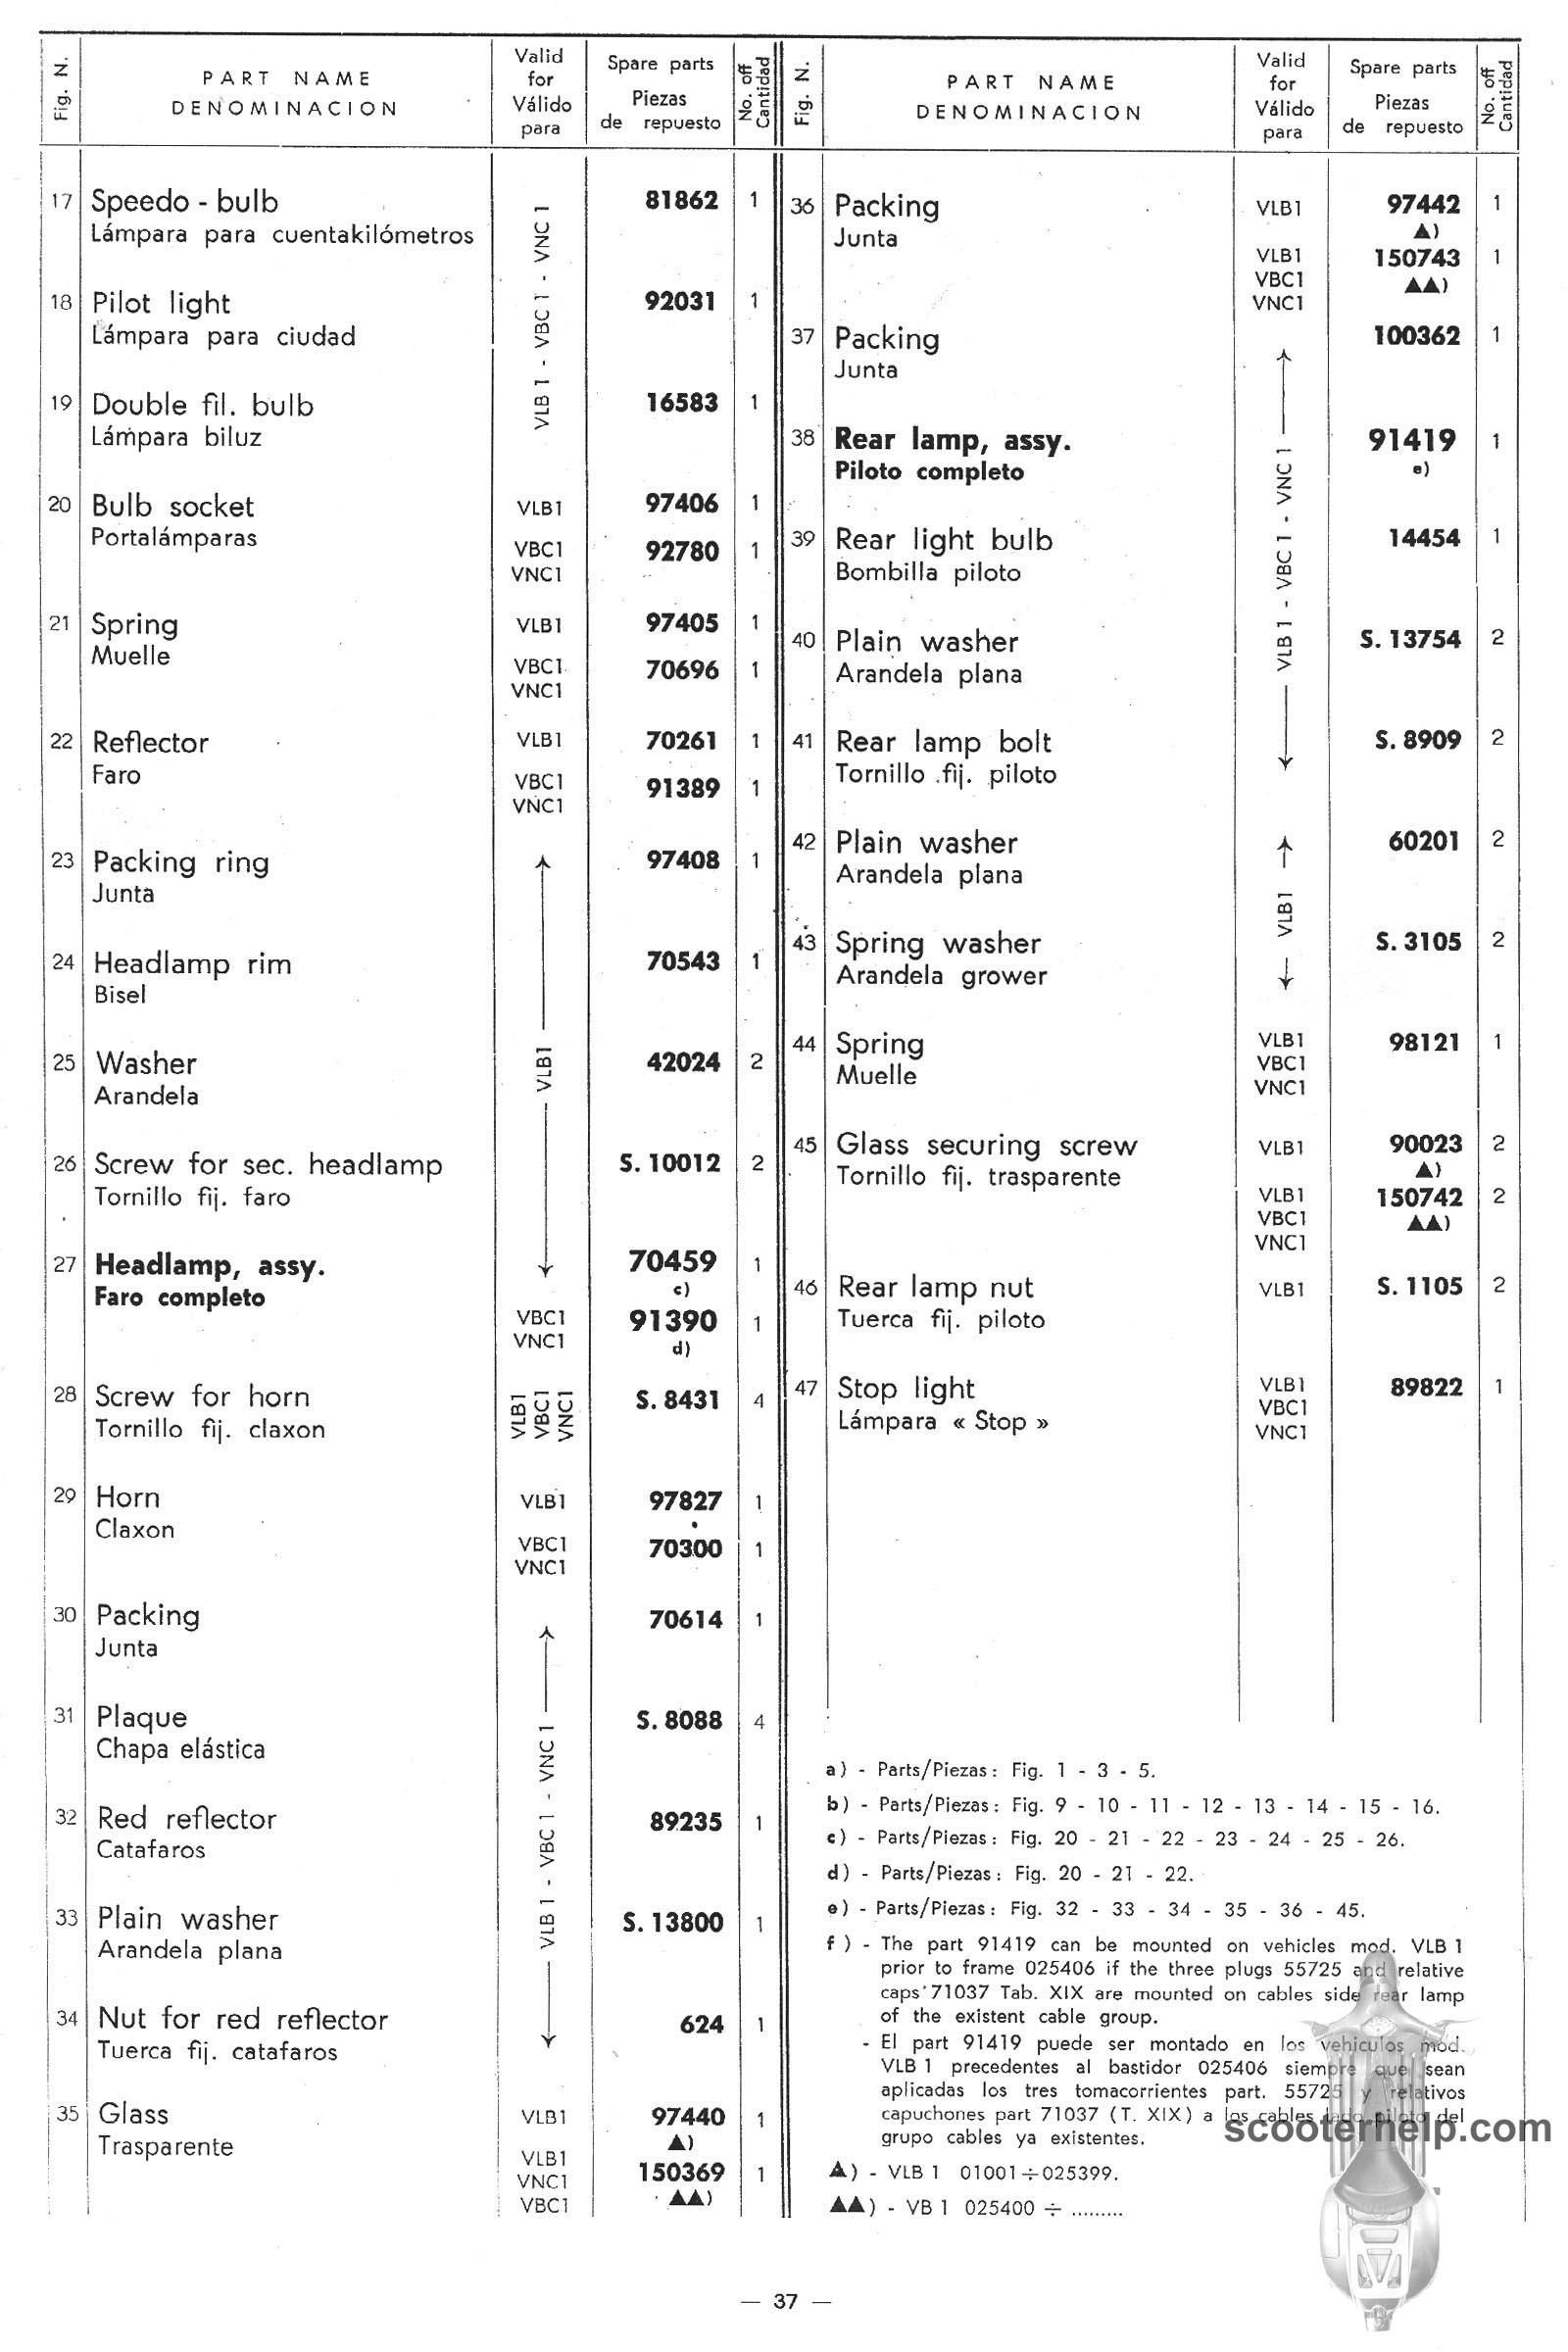 Vespa 150 Super, 150 Sprint, 125 Super Parts Manual